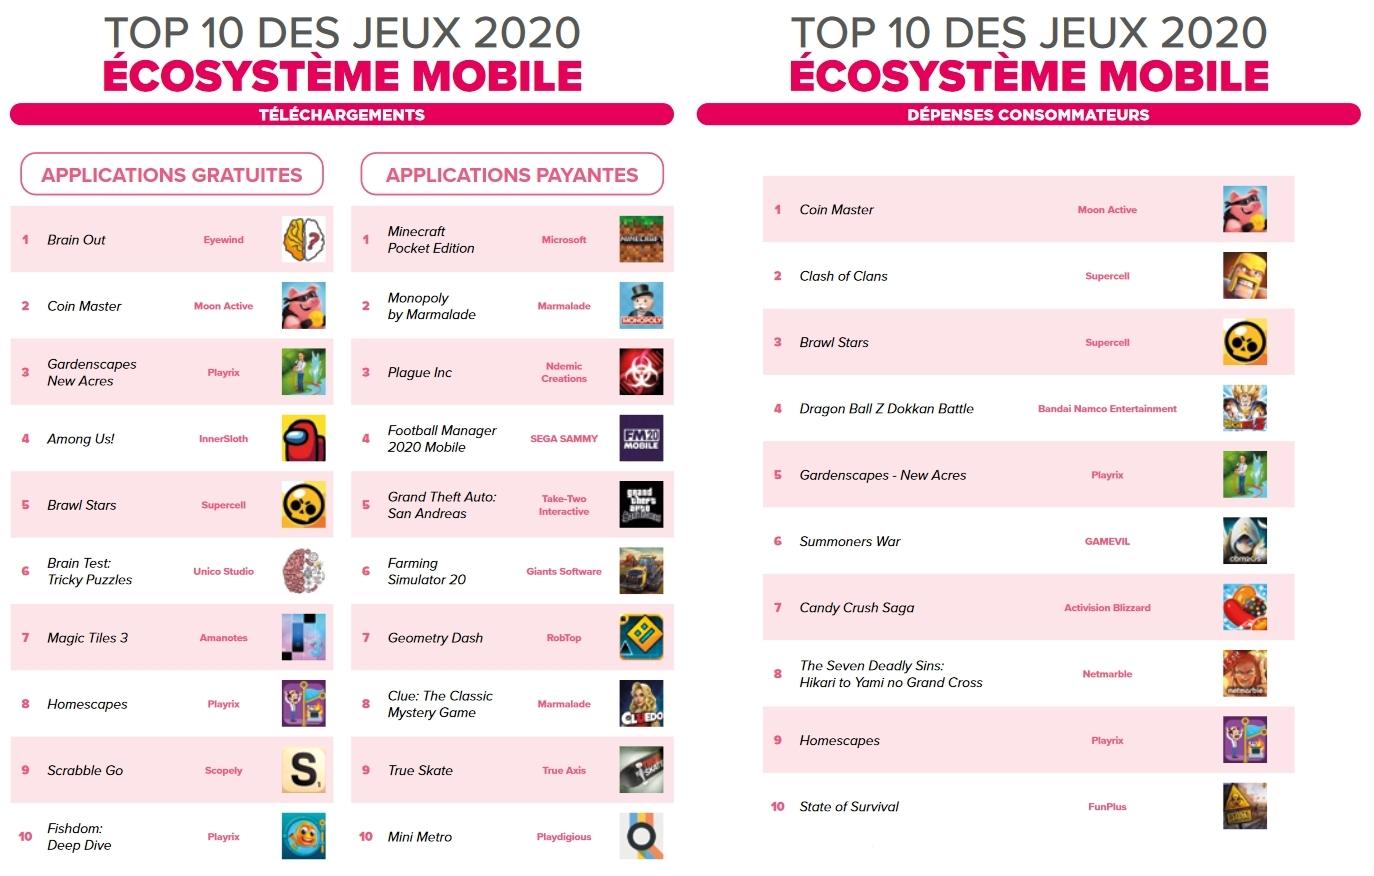 Top 10 des jeux 2020 de l'écosytème Mobile pour les téléchargements et les dépenses consommateurs